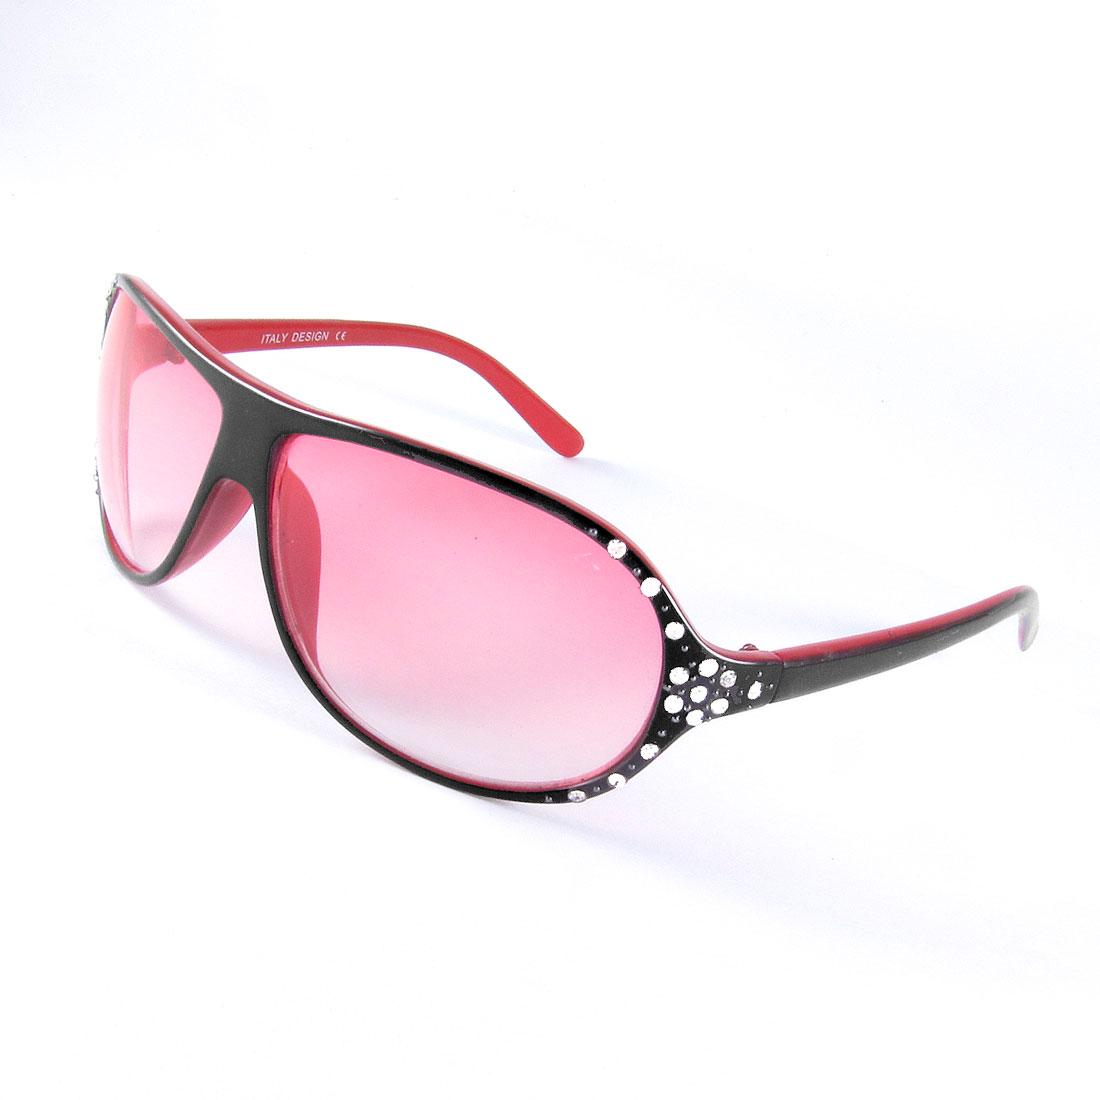 Rhinestones Inlaid Red Black Plastic Frame Gradient Lens Sunglasses for Women